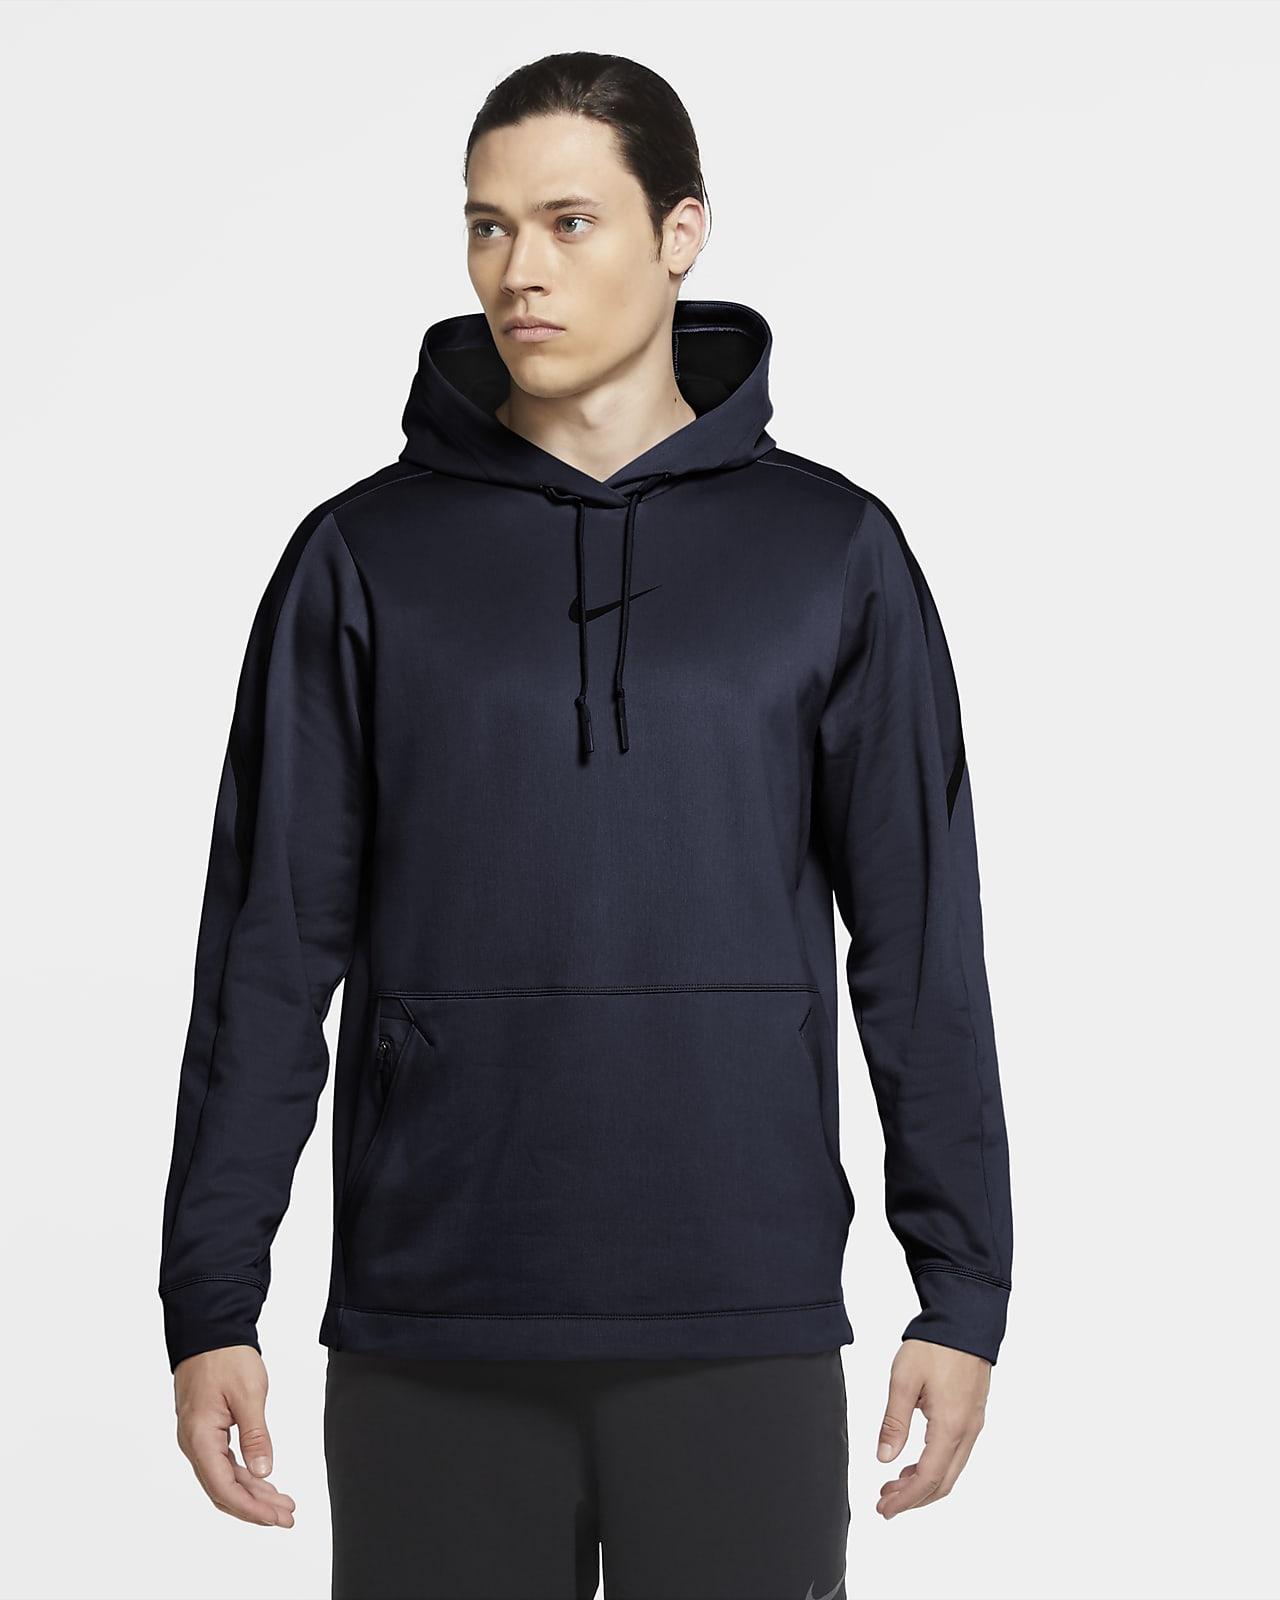 Ανδρικό φούτερ με κουκούλα Nike Pro